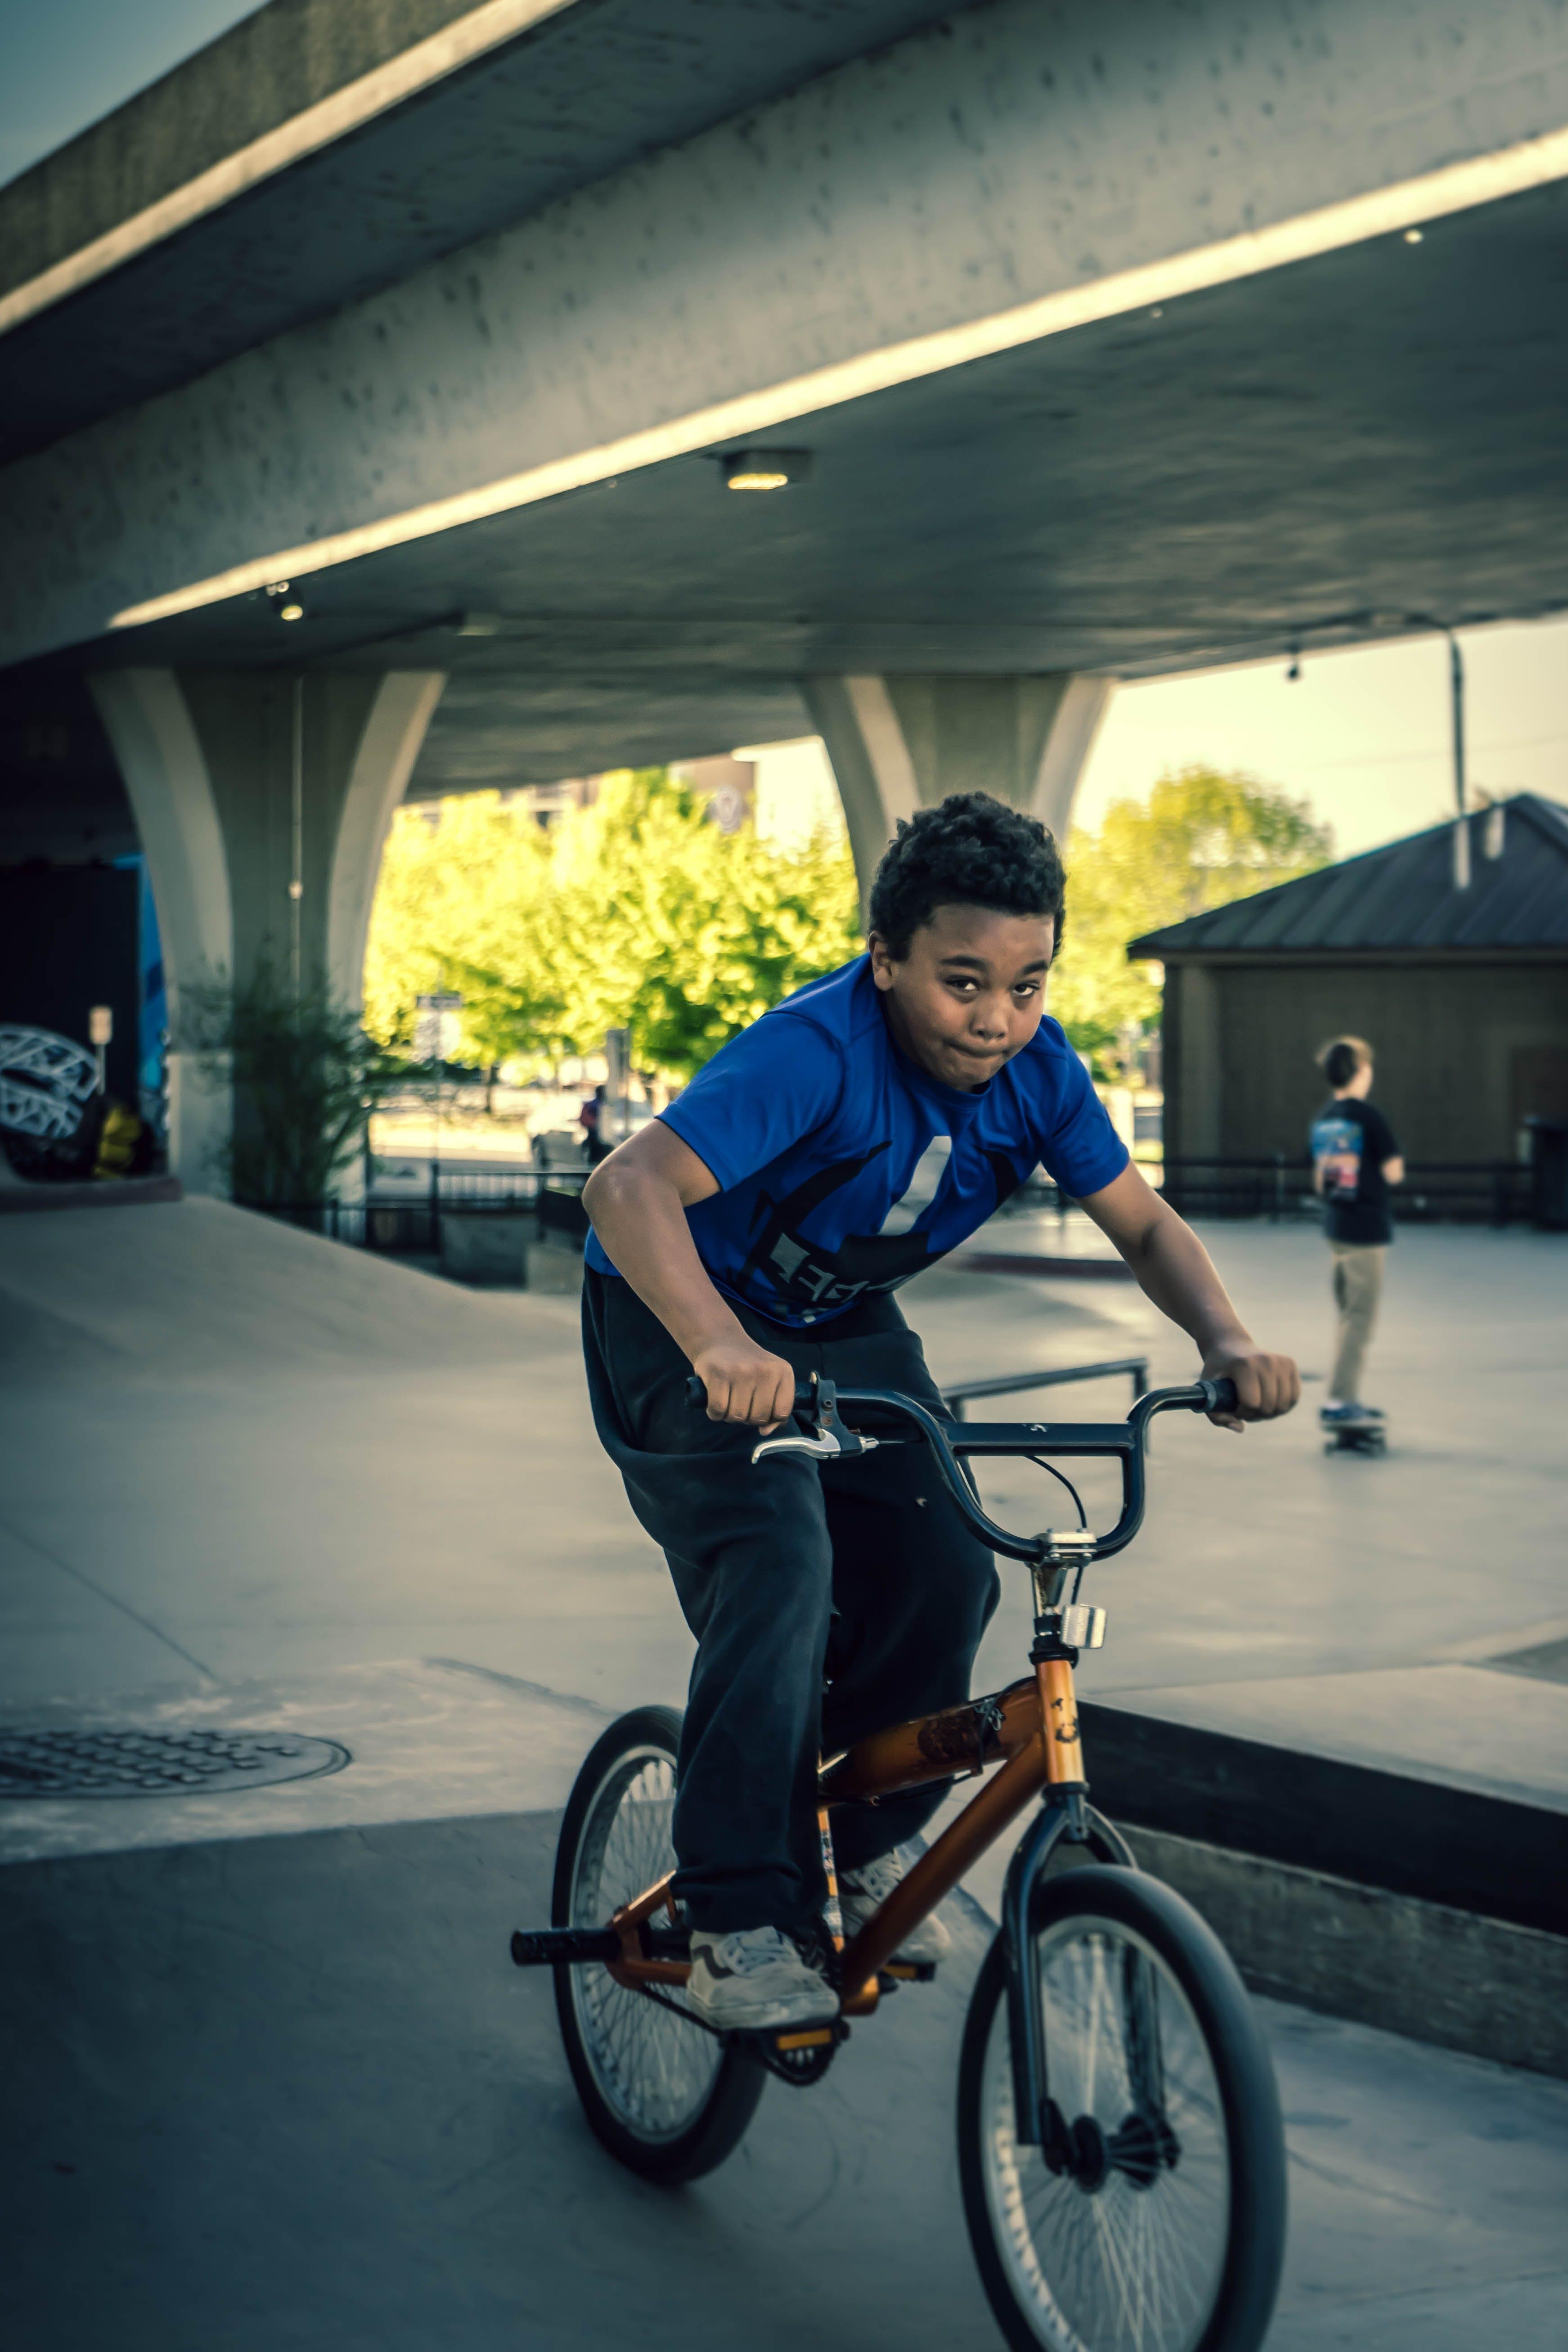 アフリカ系アメリカ人の少年, スケートパーク, バイク, パークの無料の写真素材